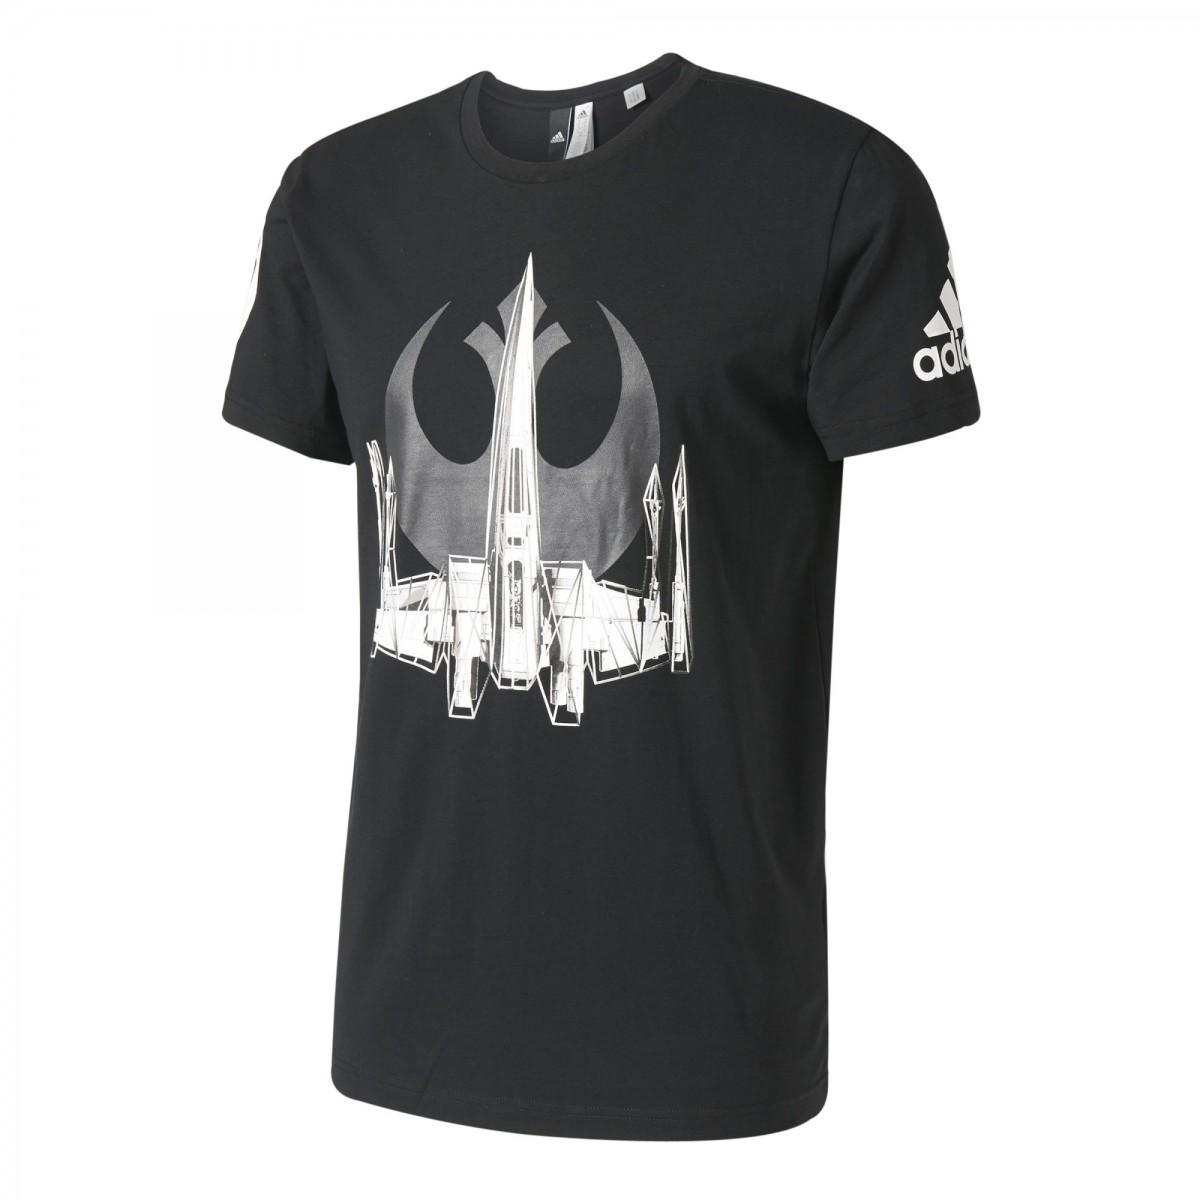 36d2ab024f Camiseta Masculina Adidas Star Wars X-Wing BK2840 Preto